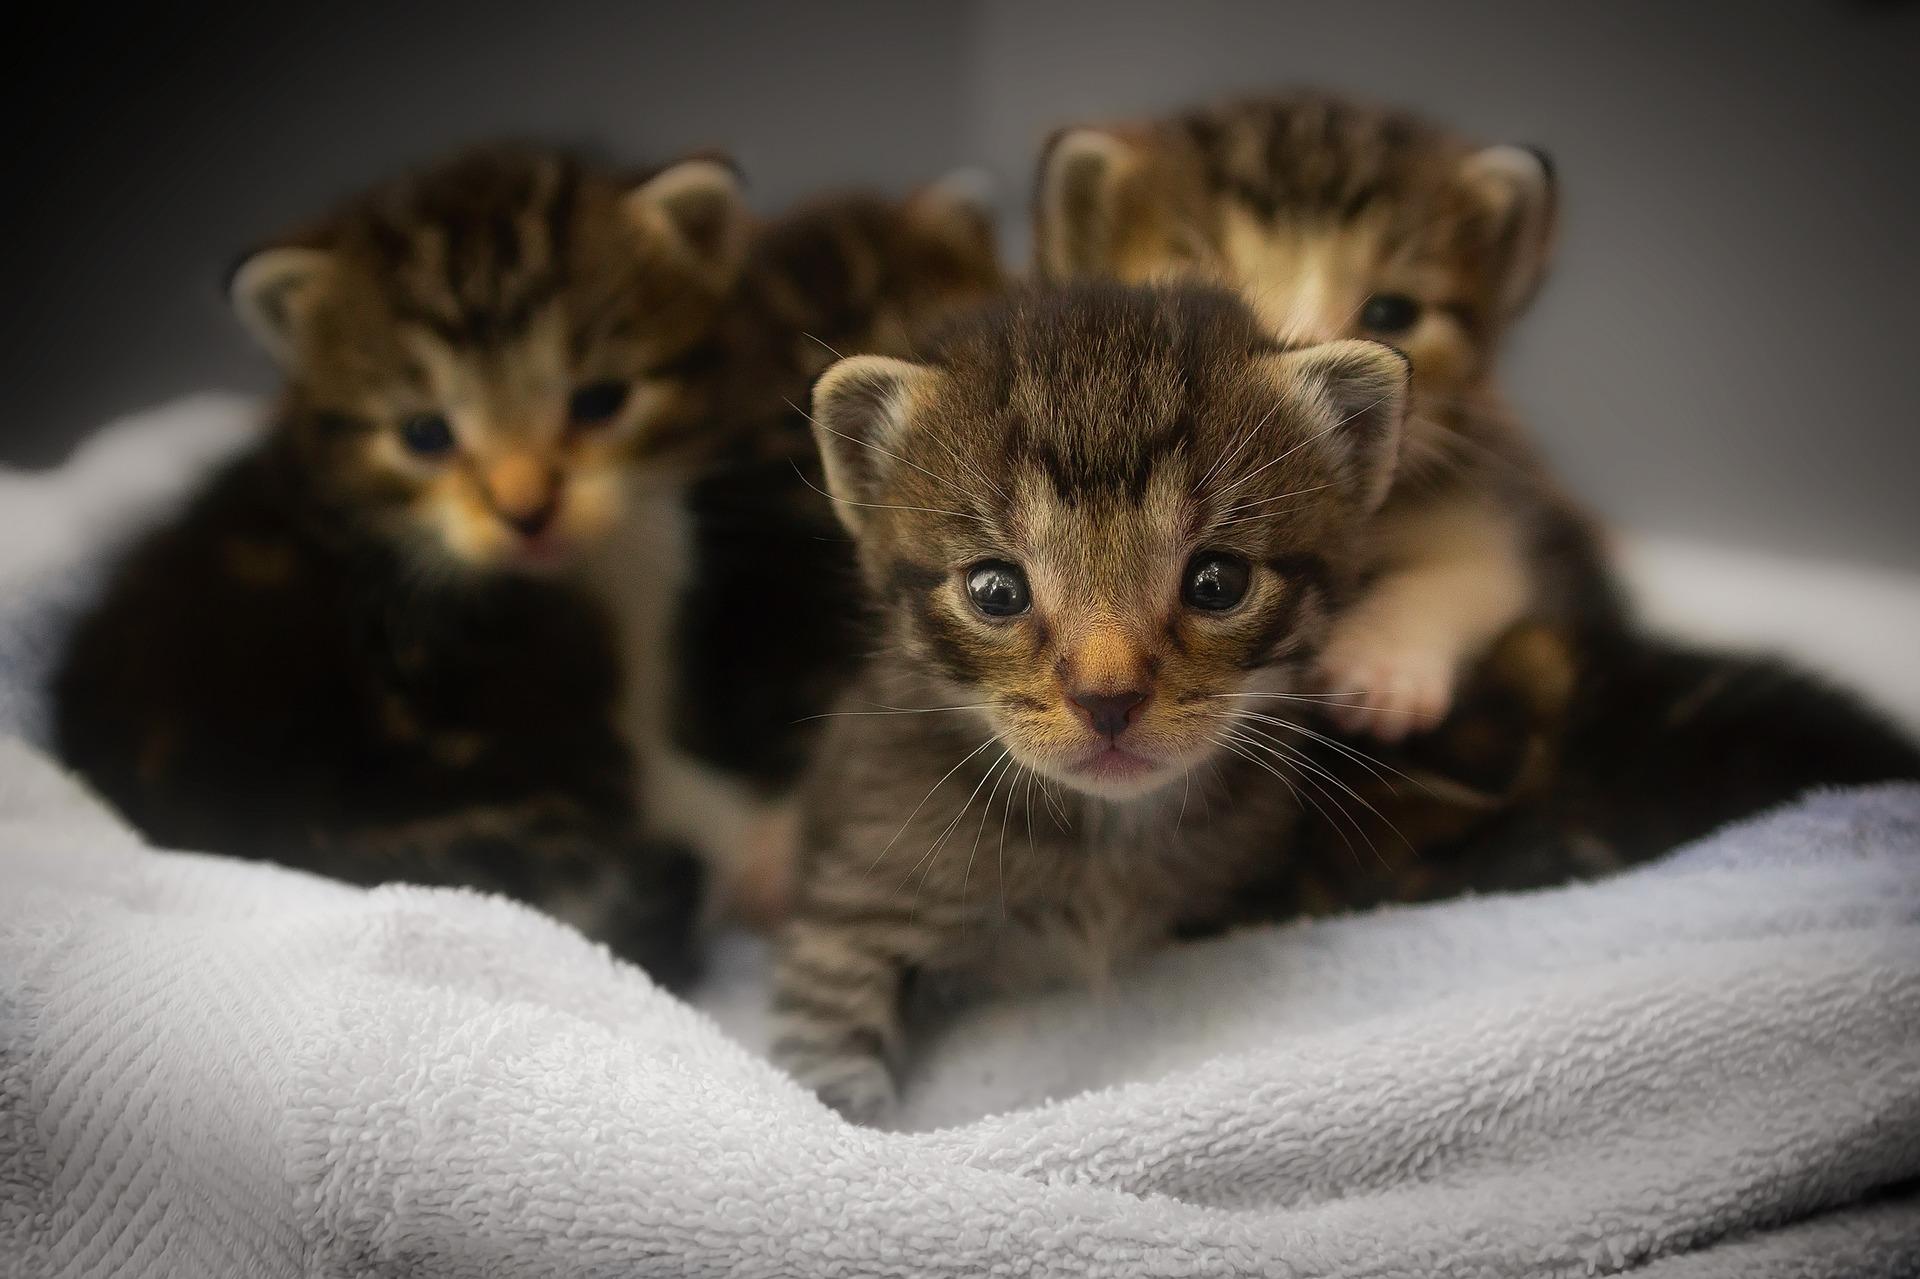 kittens-1824367_1920